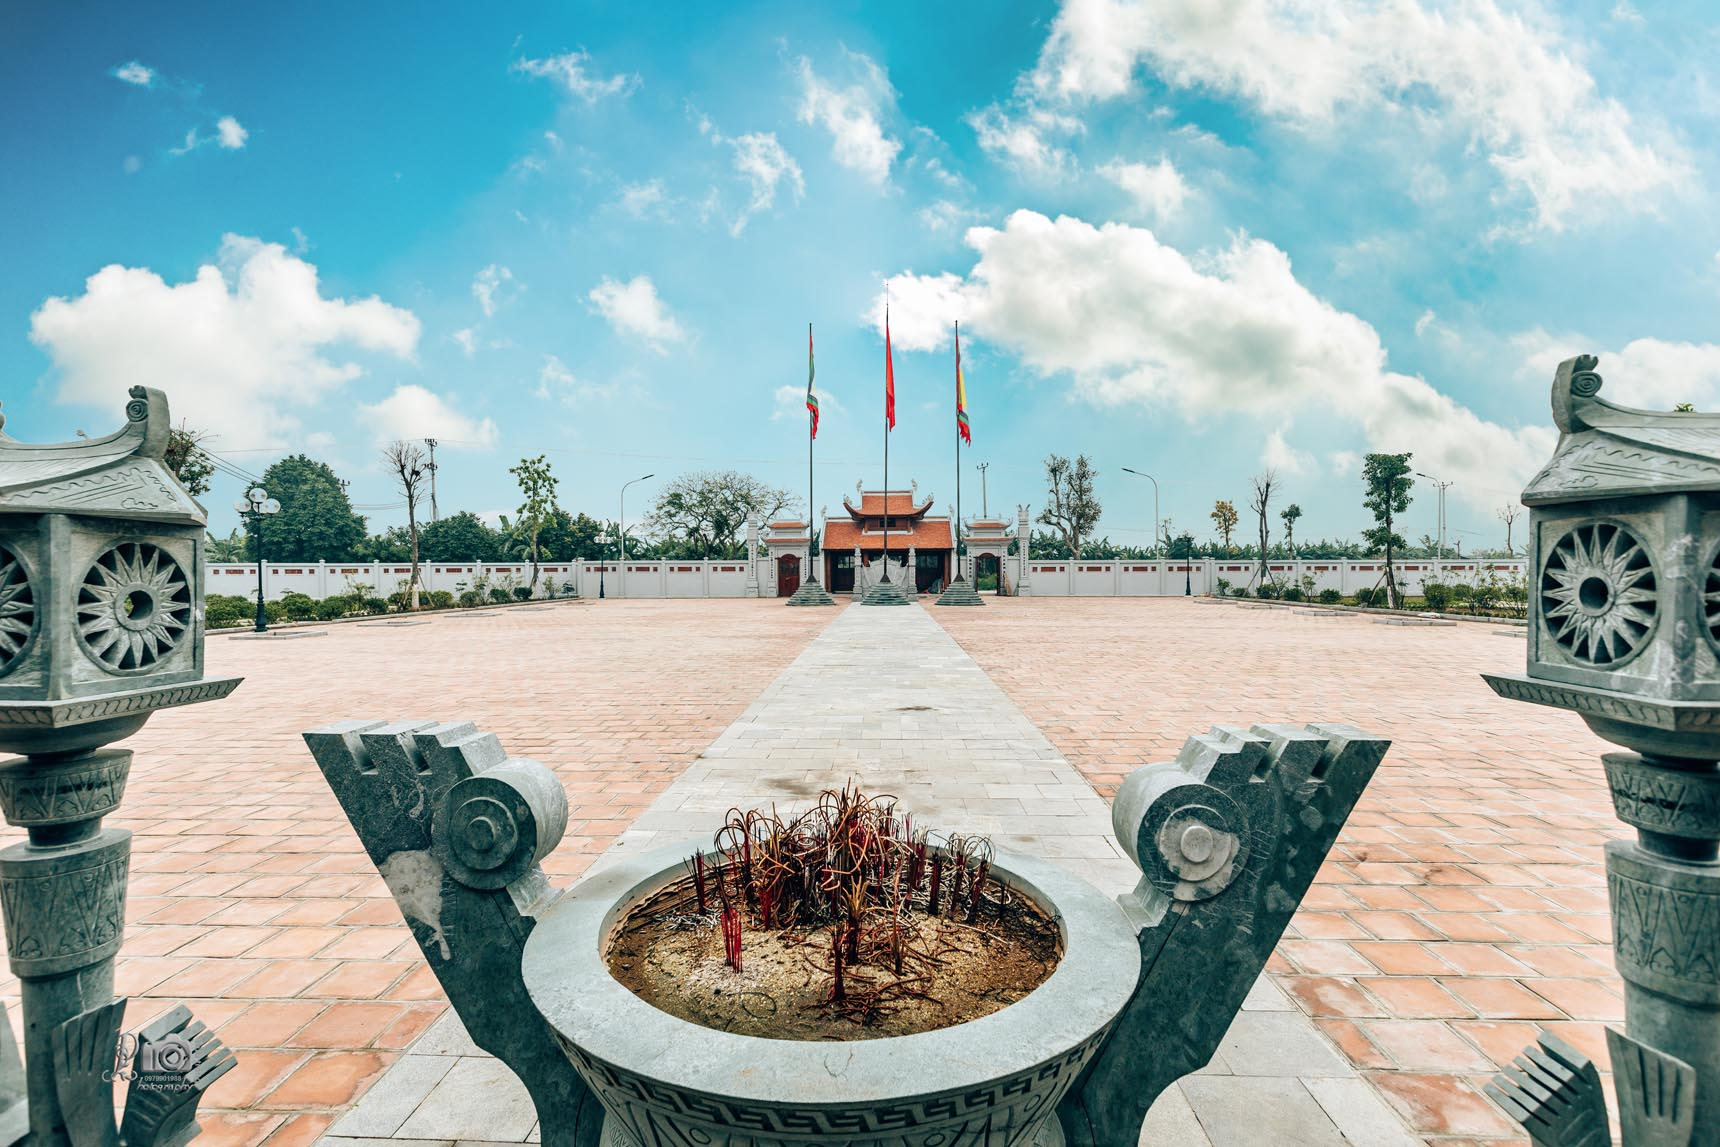 http://hungyentourism.com.vn/den-tho-trieu-viet-vuong/